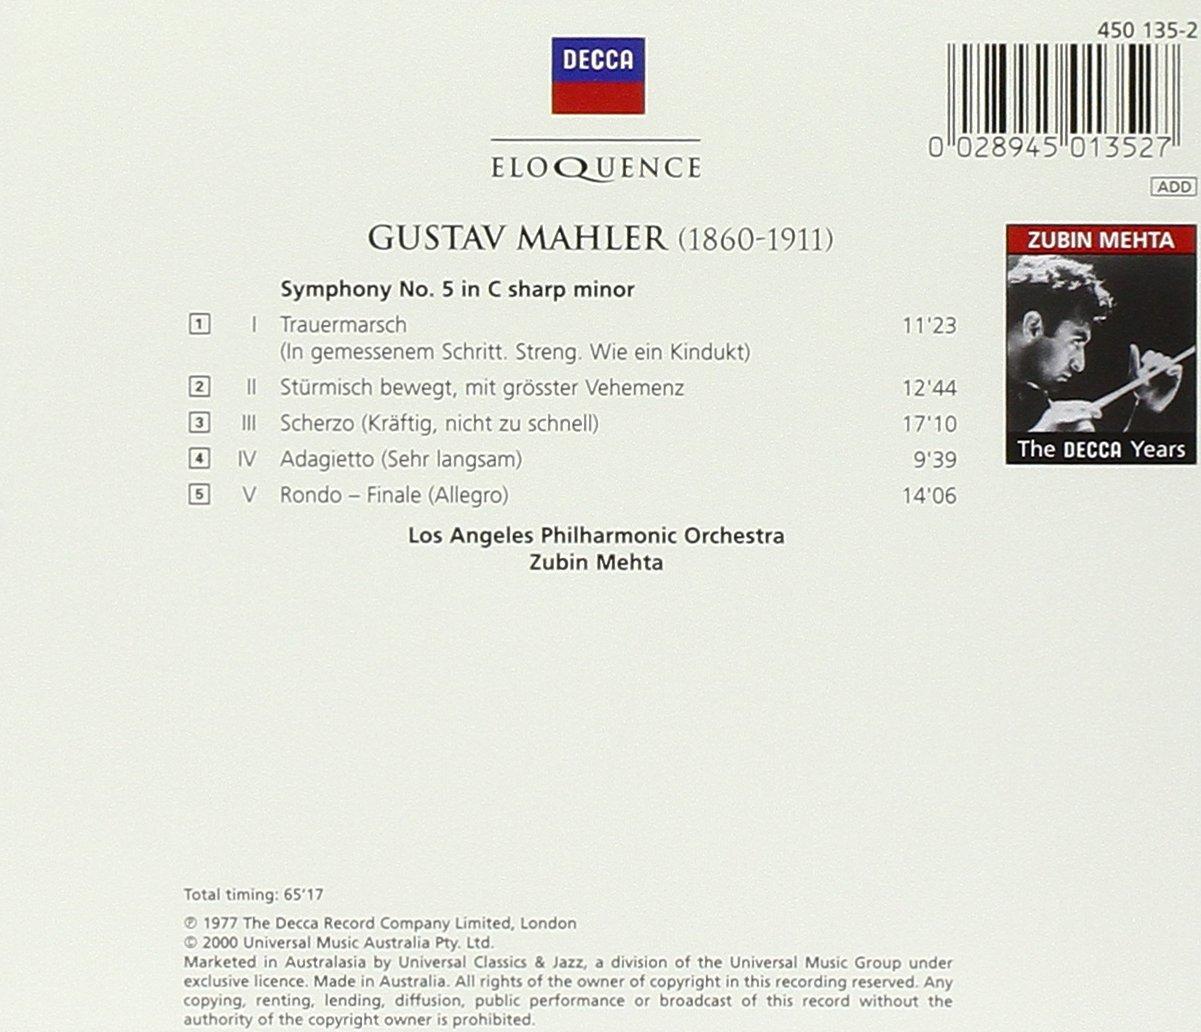 Mahler: Symphony No. 5 by Eloquence Australia / Decca